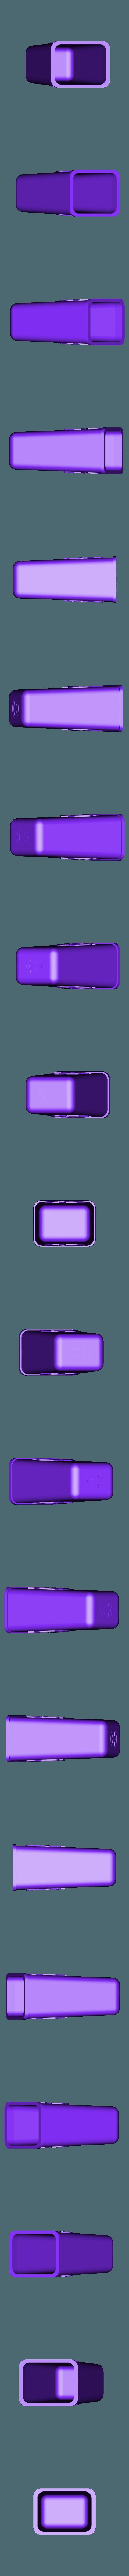 recycle bin.stl Télécharger fichier STL gratuit corbeille 1/10 • Modèle imprimable en 3D, wavelog